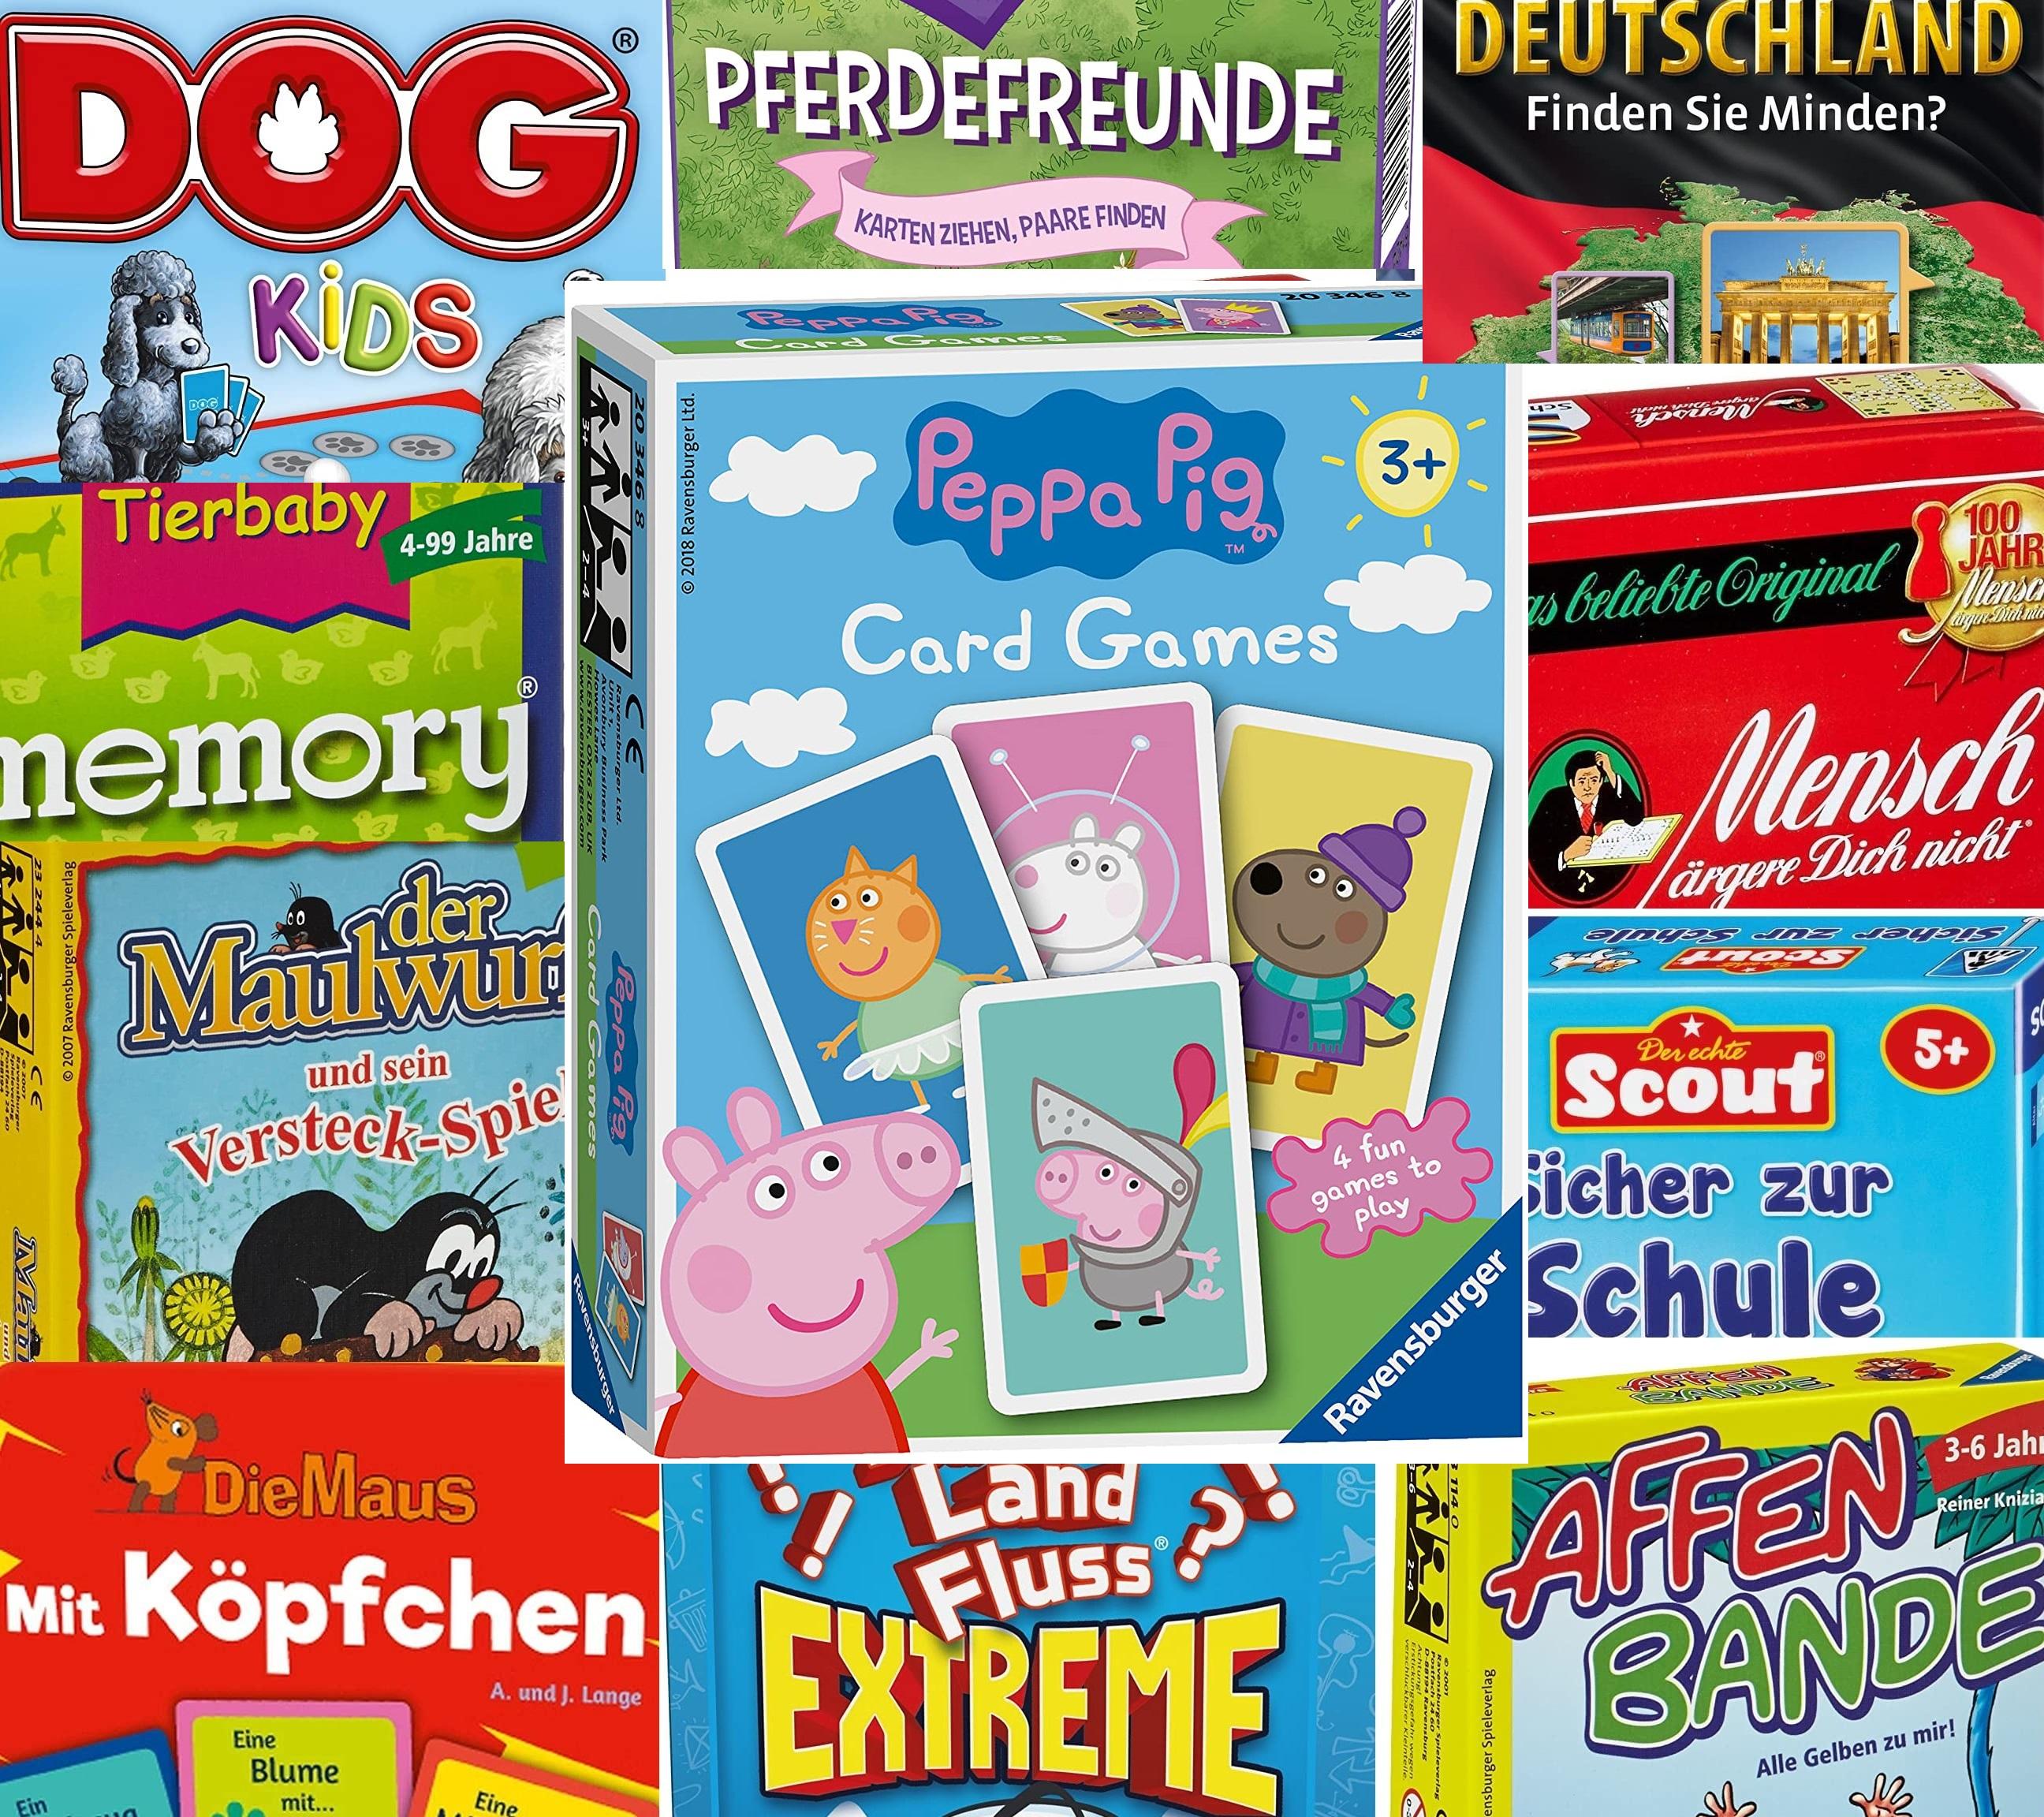 [Prime] Mitbringspiele Sammeldeal (19), Billy Biber, Stadt Land Fluss, Bingo, Dog Kids etc. z.B. Peppa Pig Kartenspiel